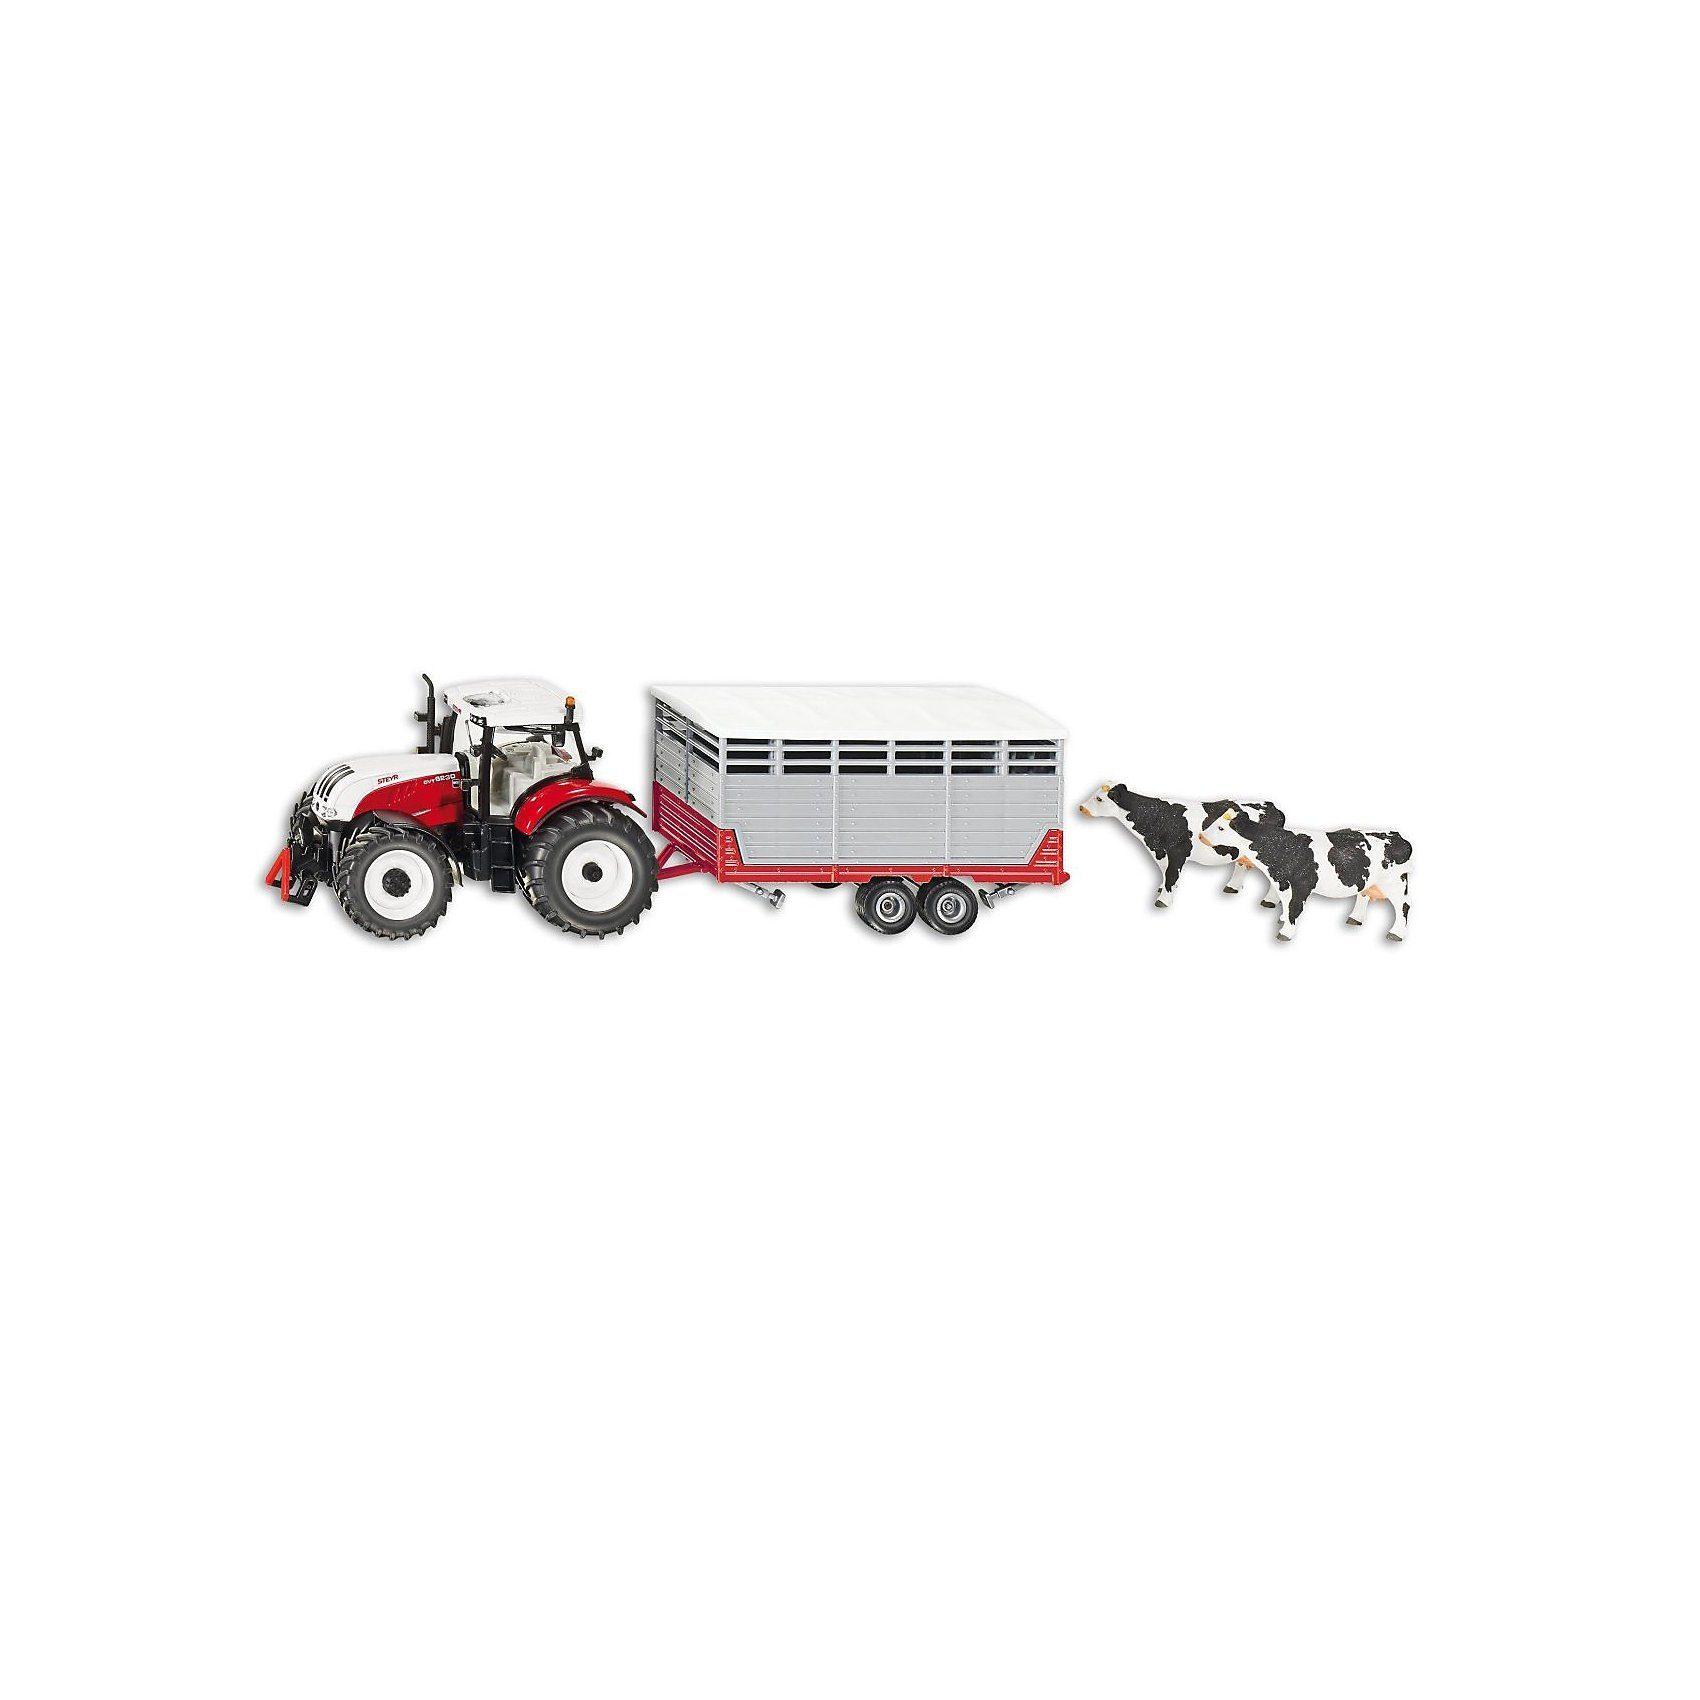 SIKU Farmer 3870 Steyr mit Viehanhänger 1:32